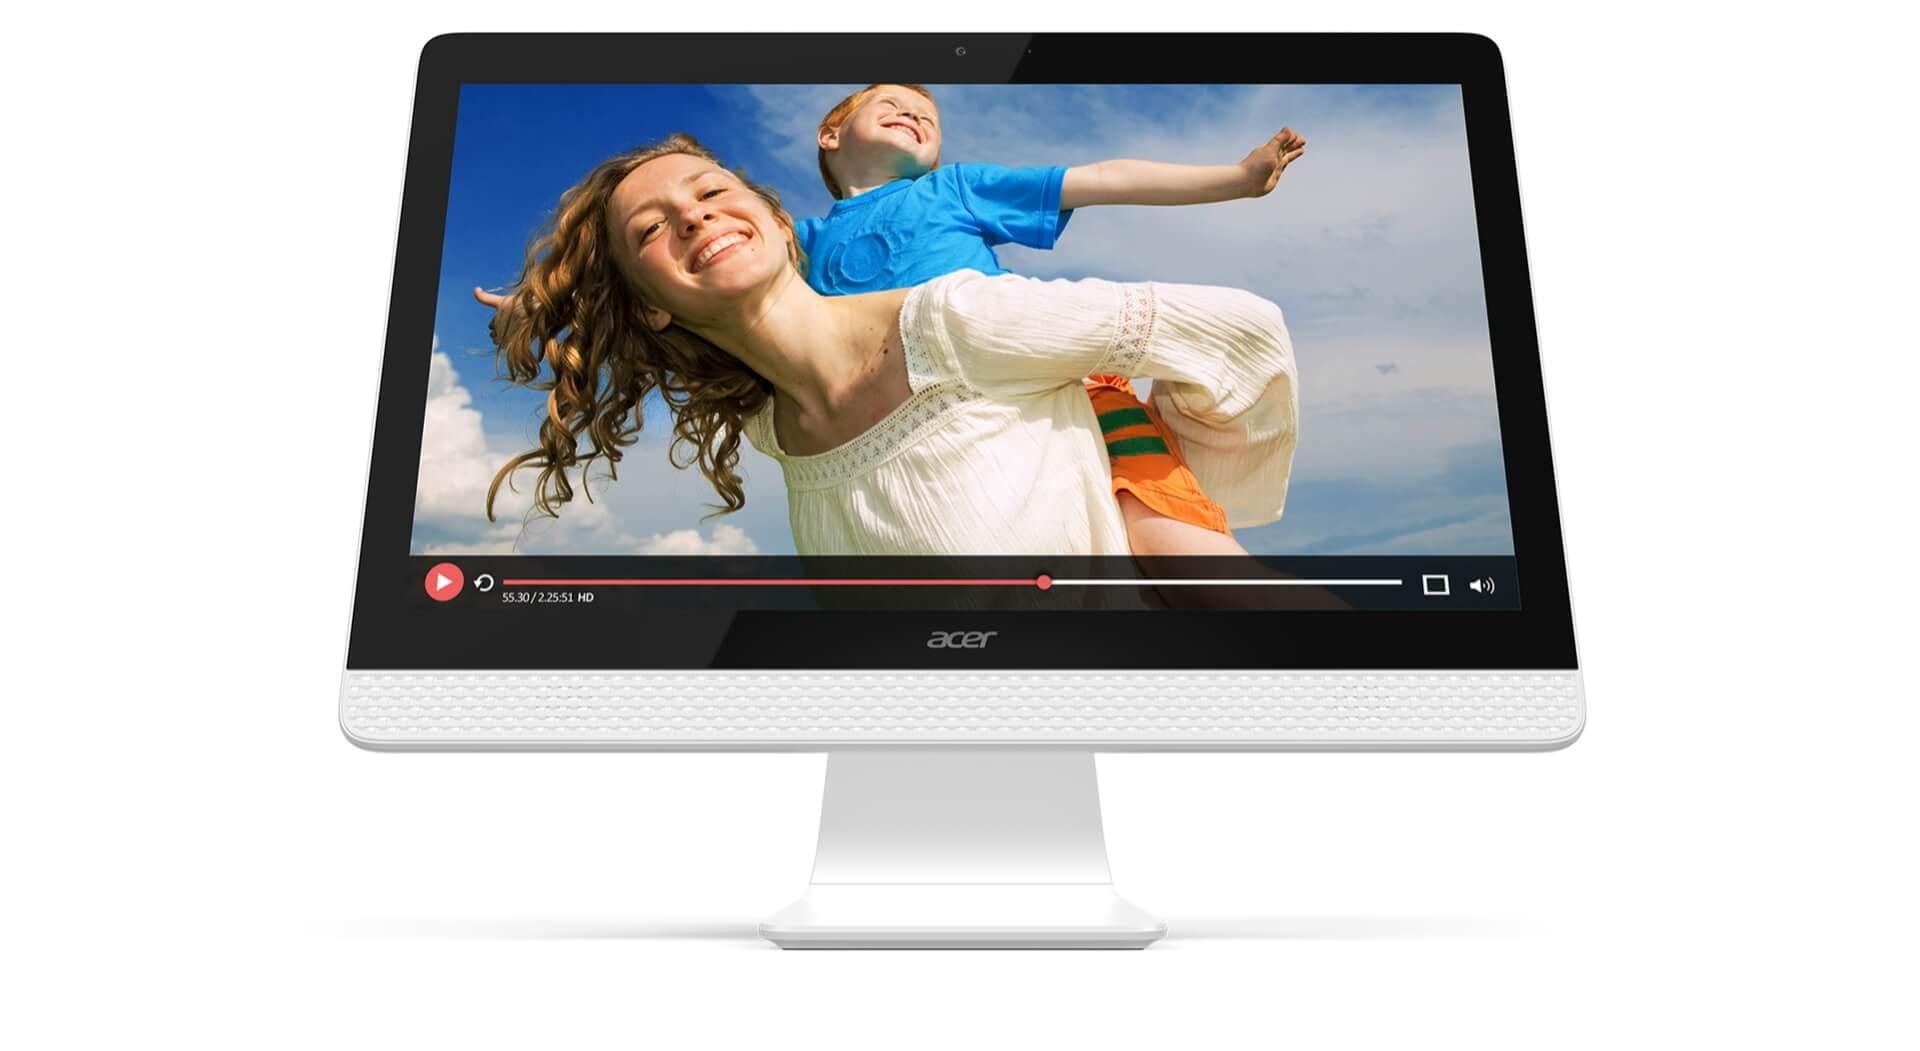 10 คอมพิวเตอร์ตั้งโต๊ะ ราคาถูก 2019 ดีไซน์สวย สเป็คดี 39 - Acer